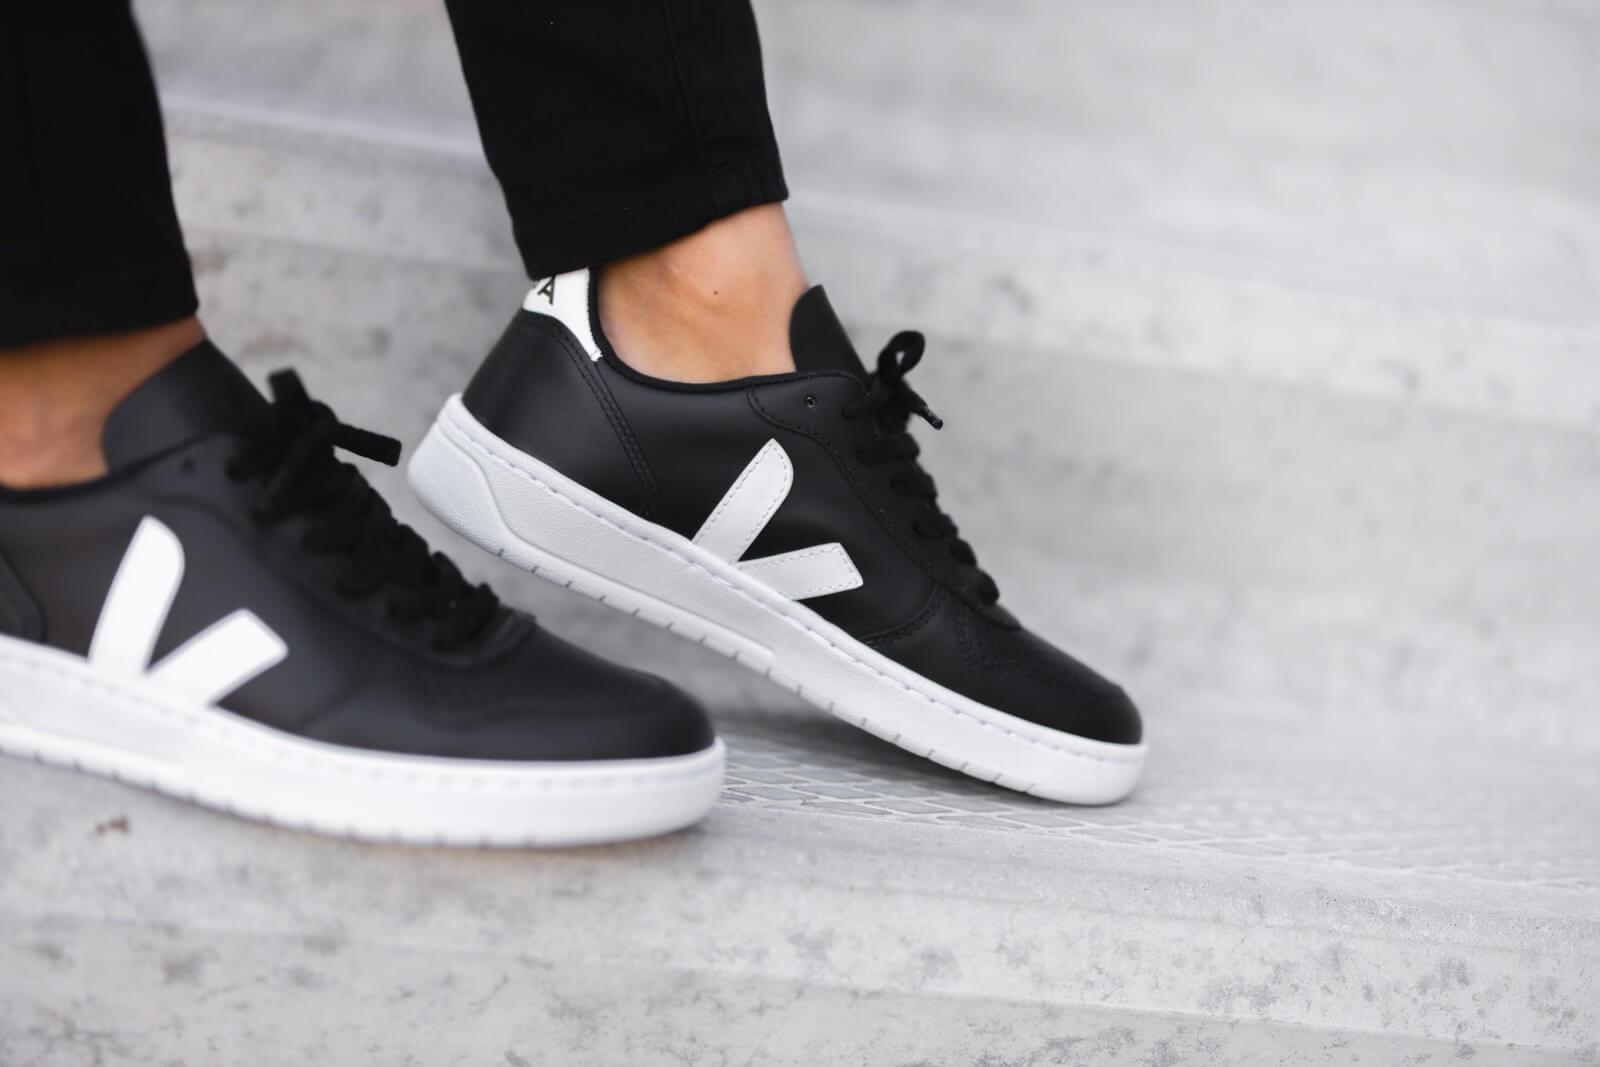 Veja Women's V-10 Leather Black/White